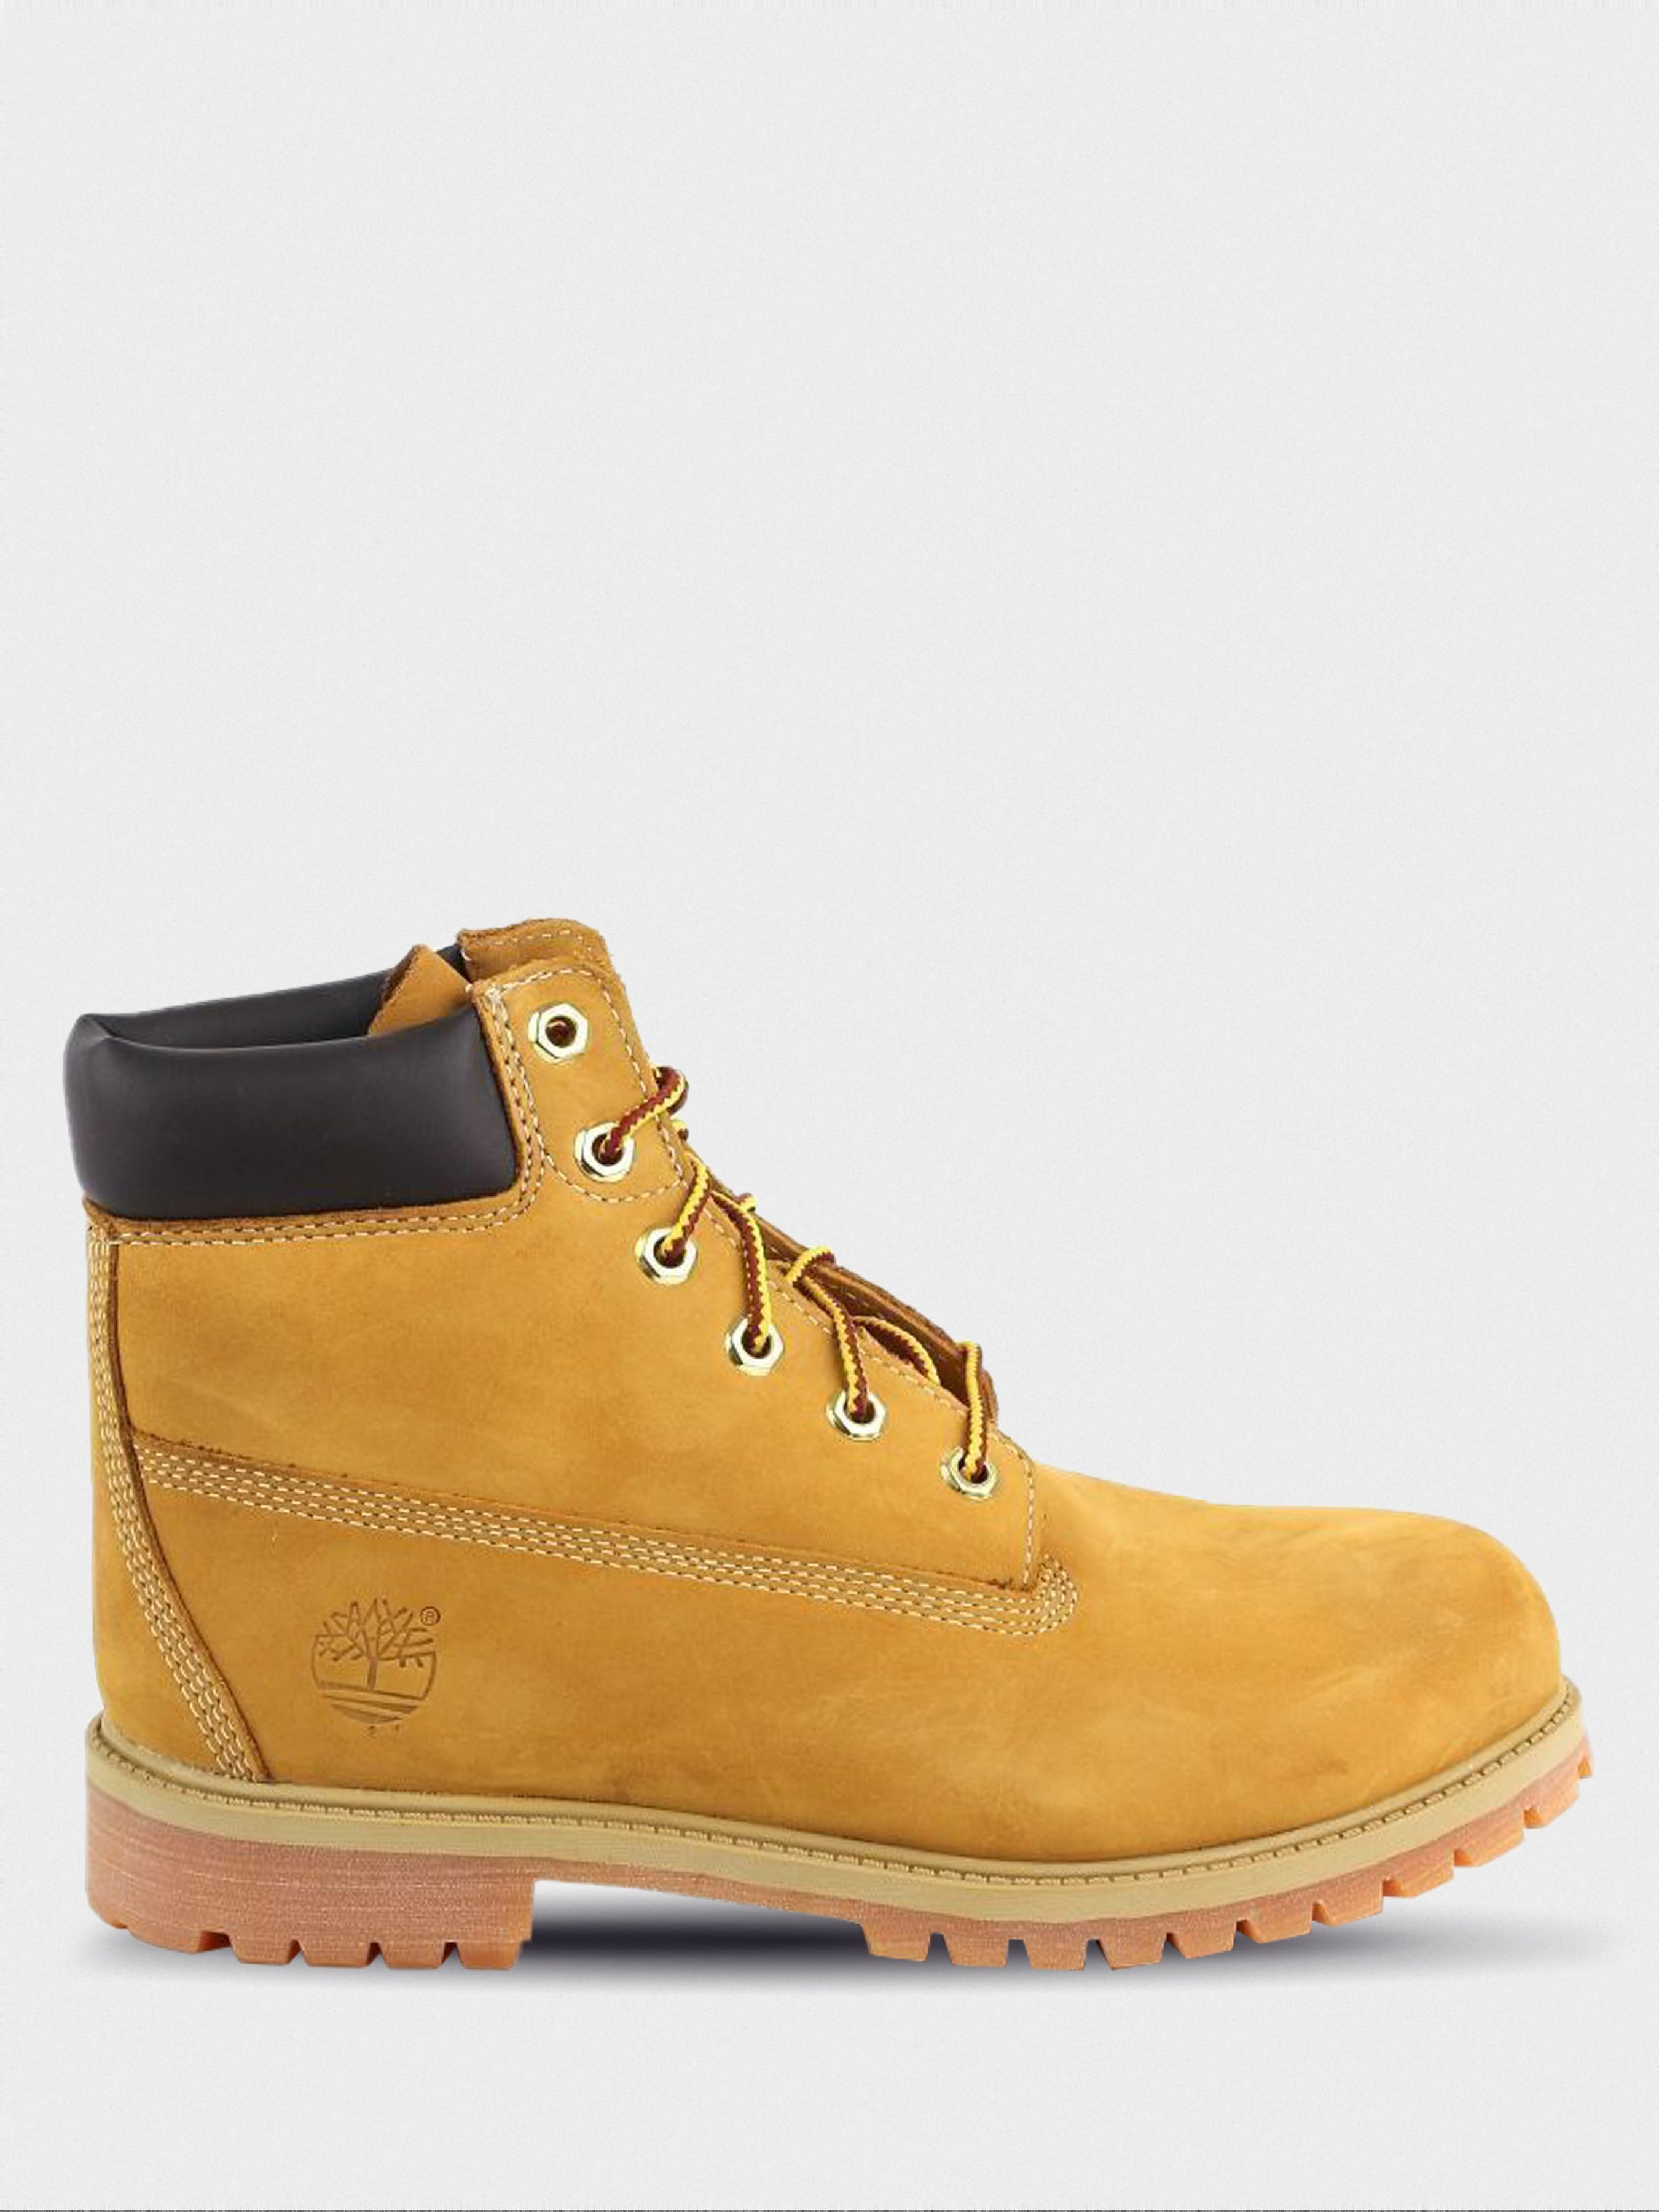 Ботинки для детей Timberland 6 In Premium WPF TL607 купить, 2017